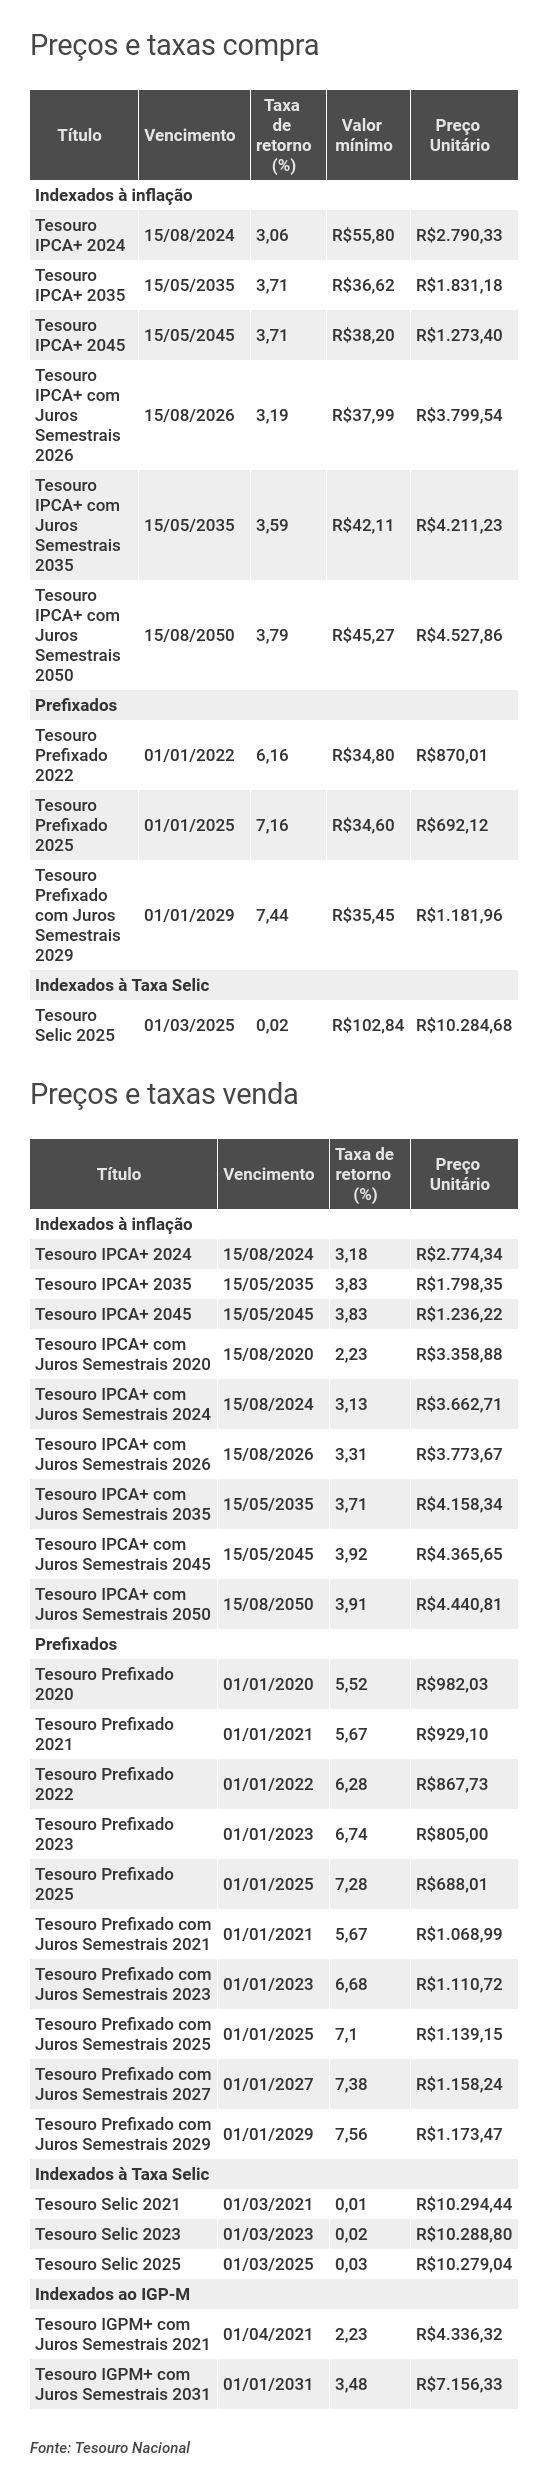 Preços e taxas do Tesouro Direto em 30 de agosto de 2019